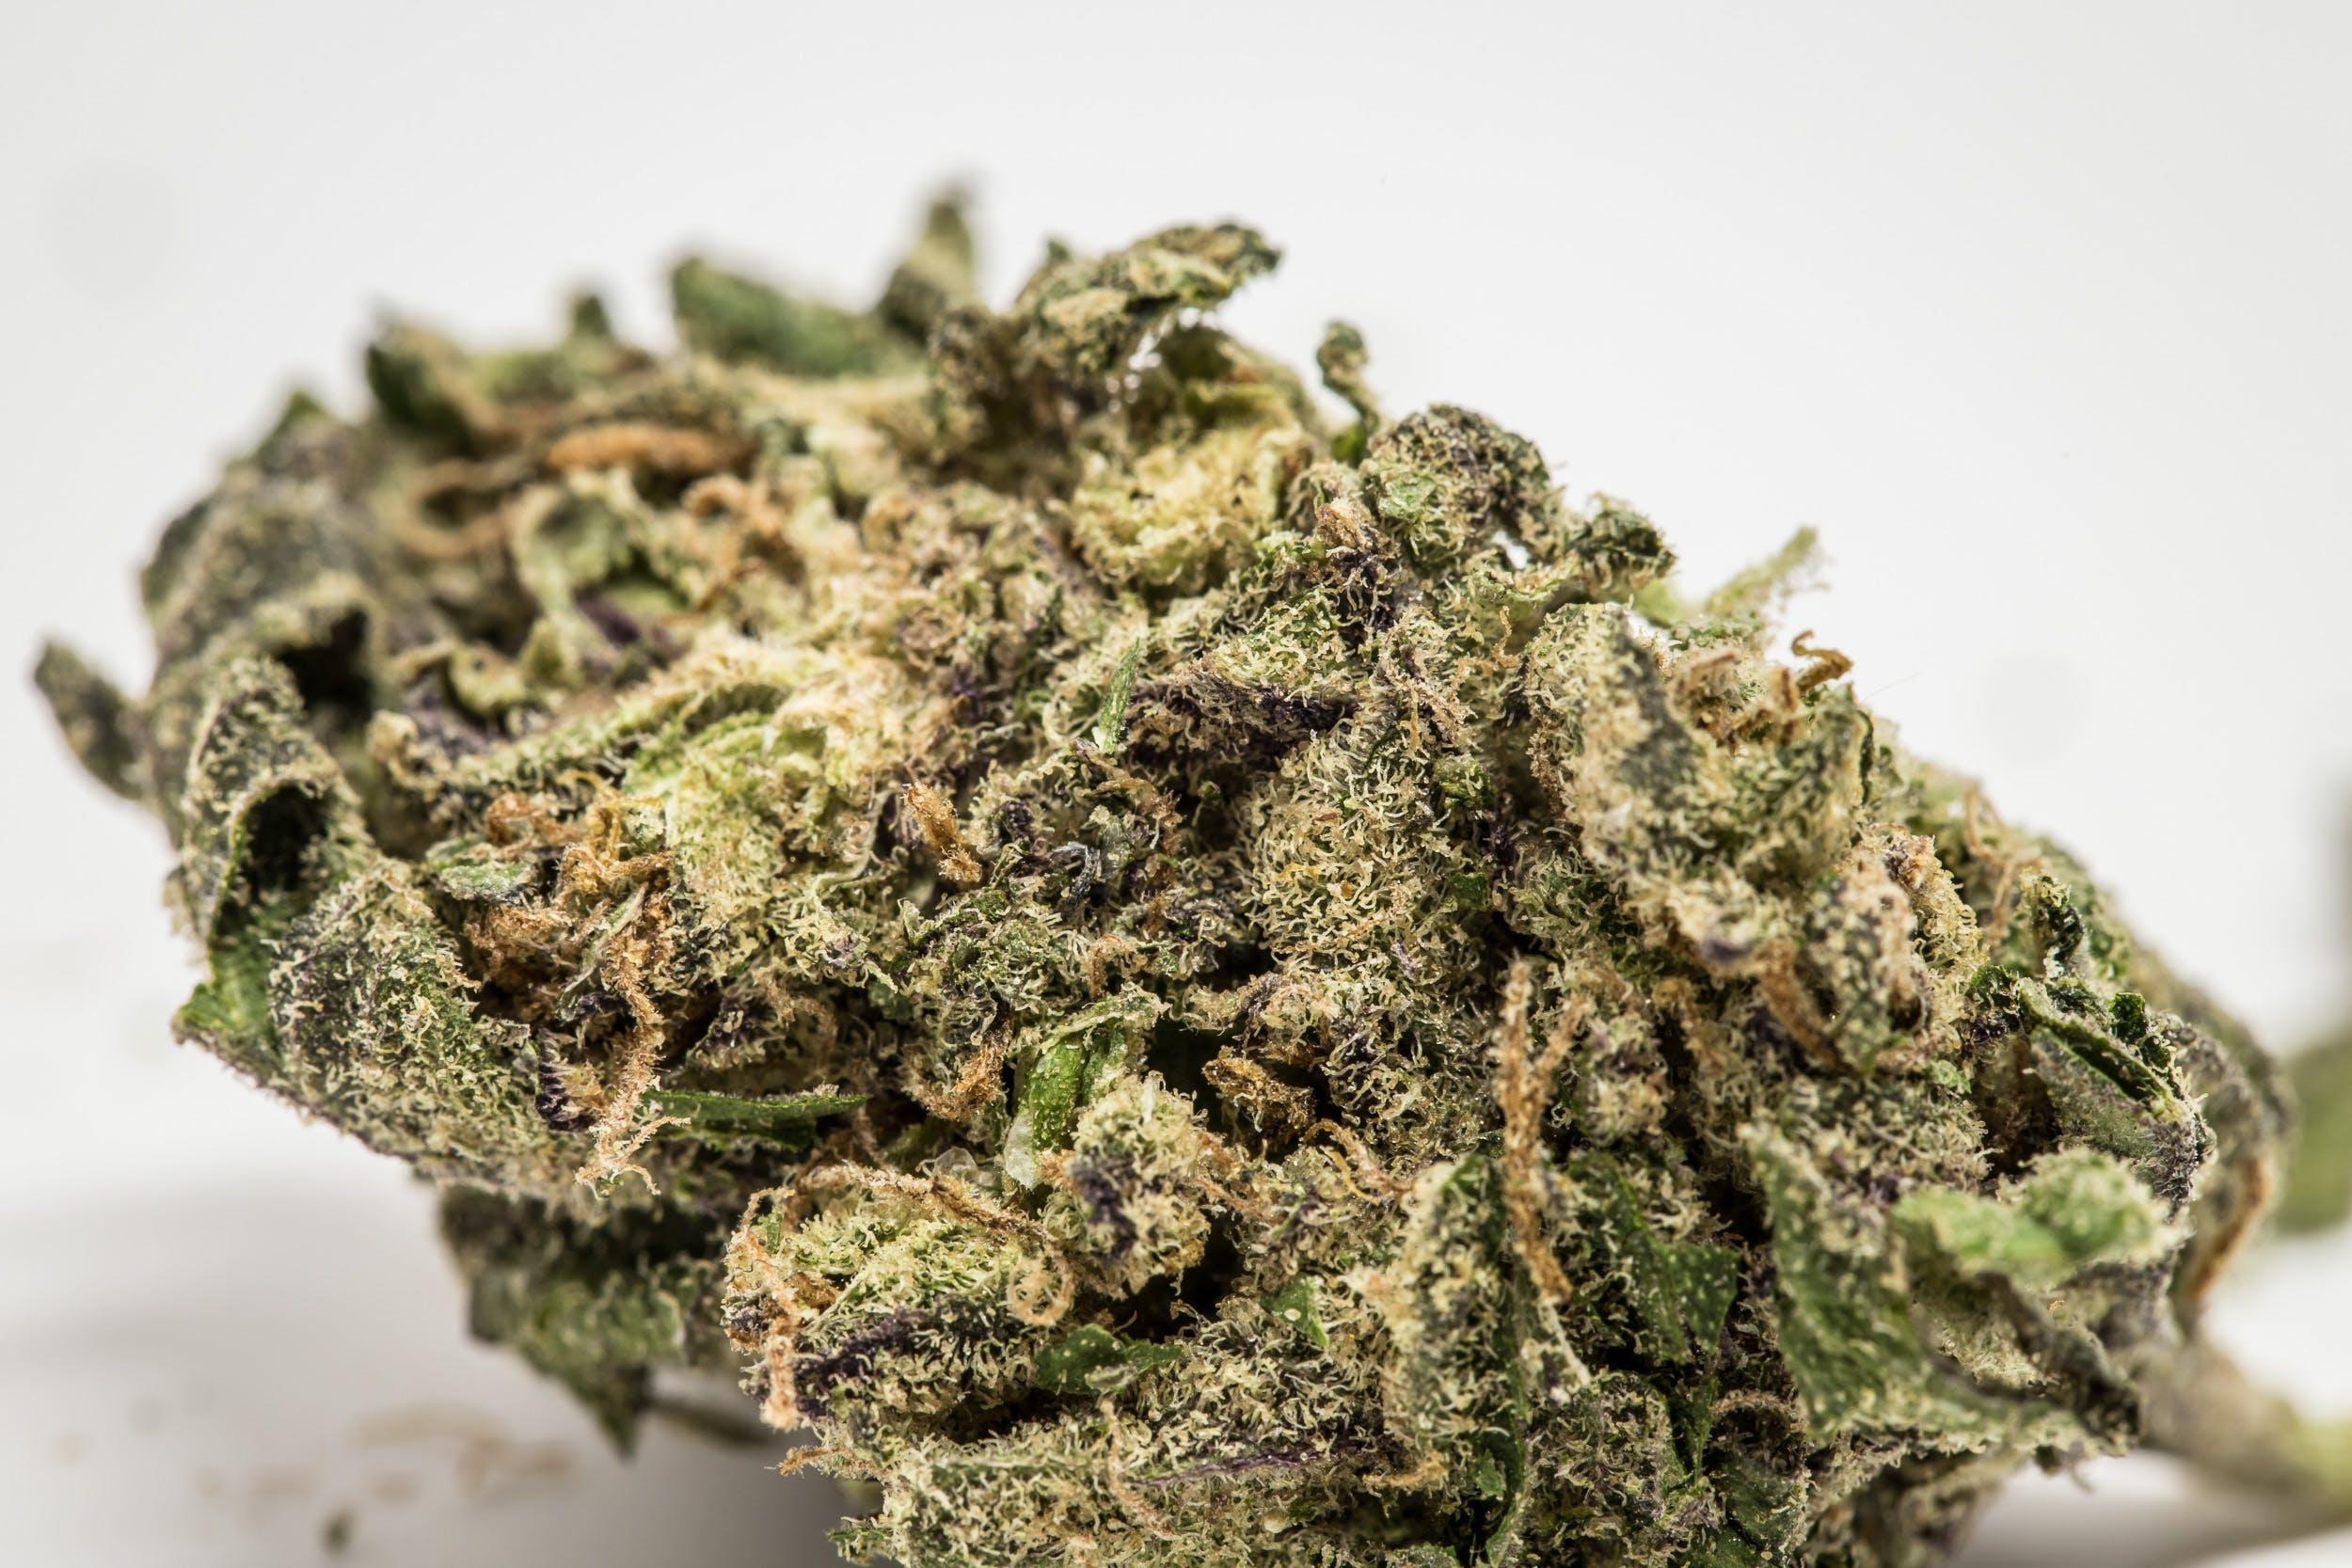 Monster Cookies Weed; Monster Cookies Cannabis Strain; Monster Cookies Indica Marijuana Strain